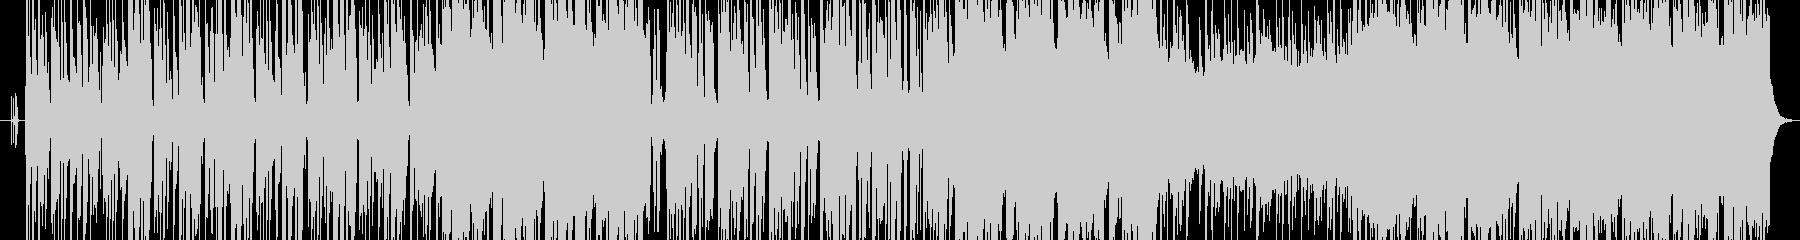 BGMに使えます。の未再生の波形